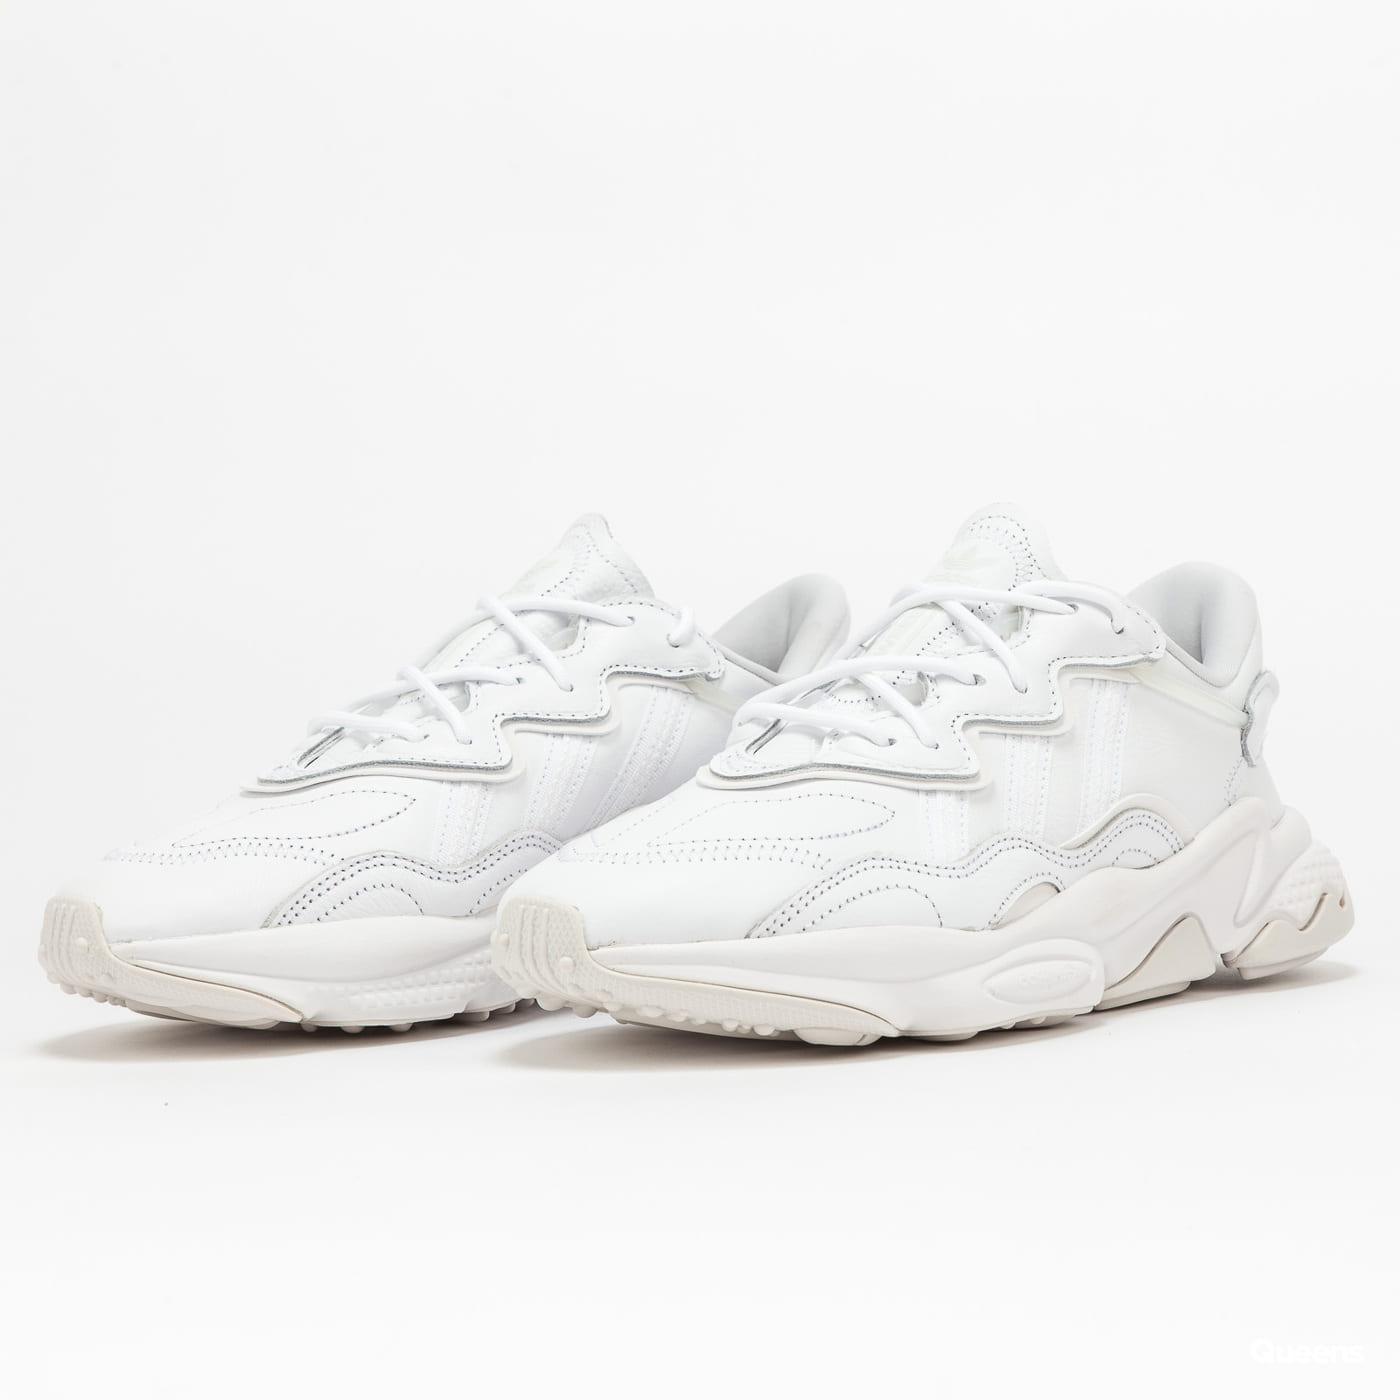 adidas Originals Ozweego ftwwht / crywht / ftwwht